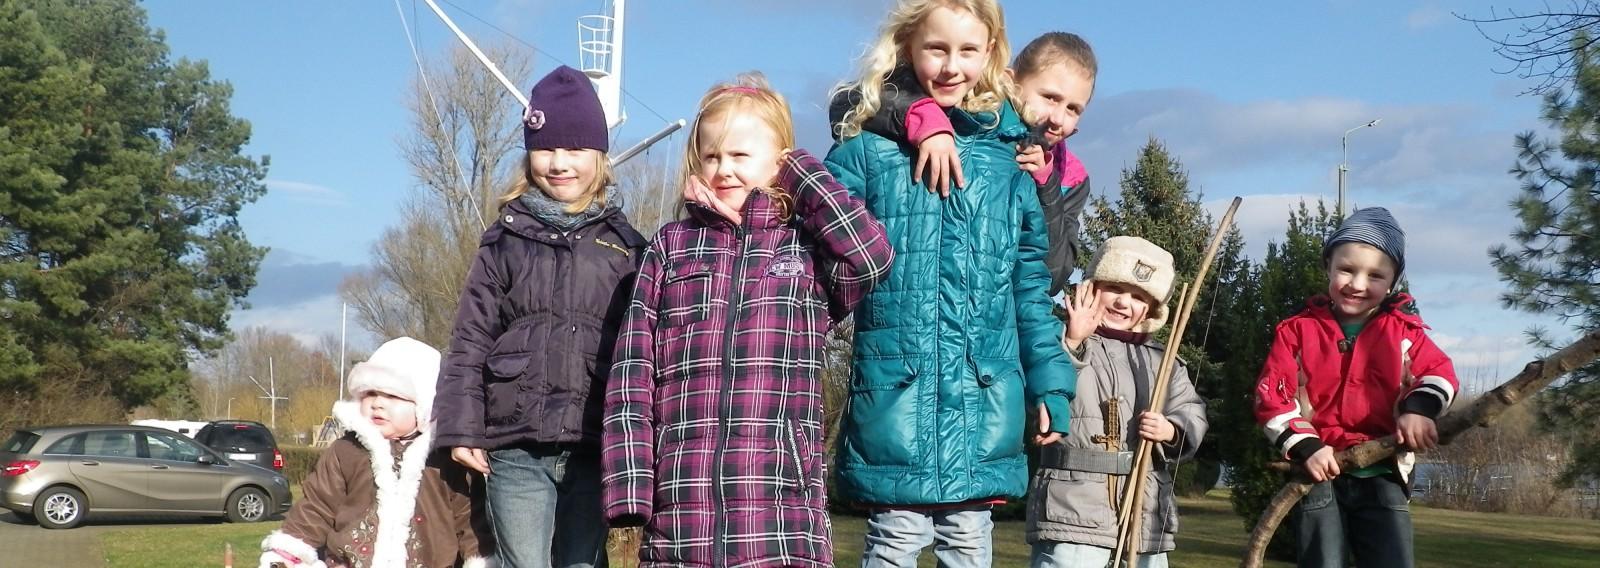 Winterwanderung, Winterfeuer und Wahlveranstaltung mit Vereinsvergnügen